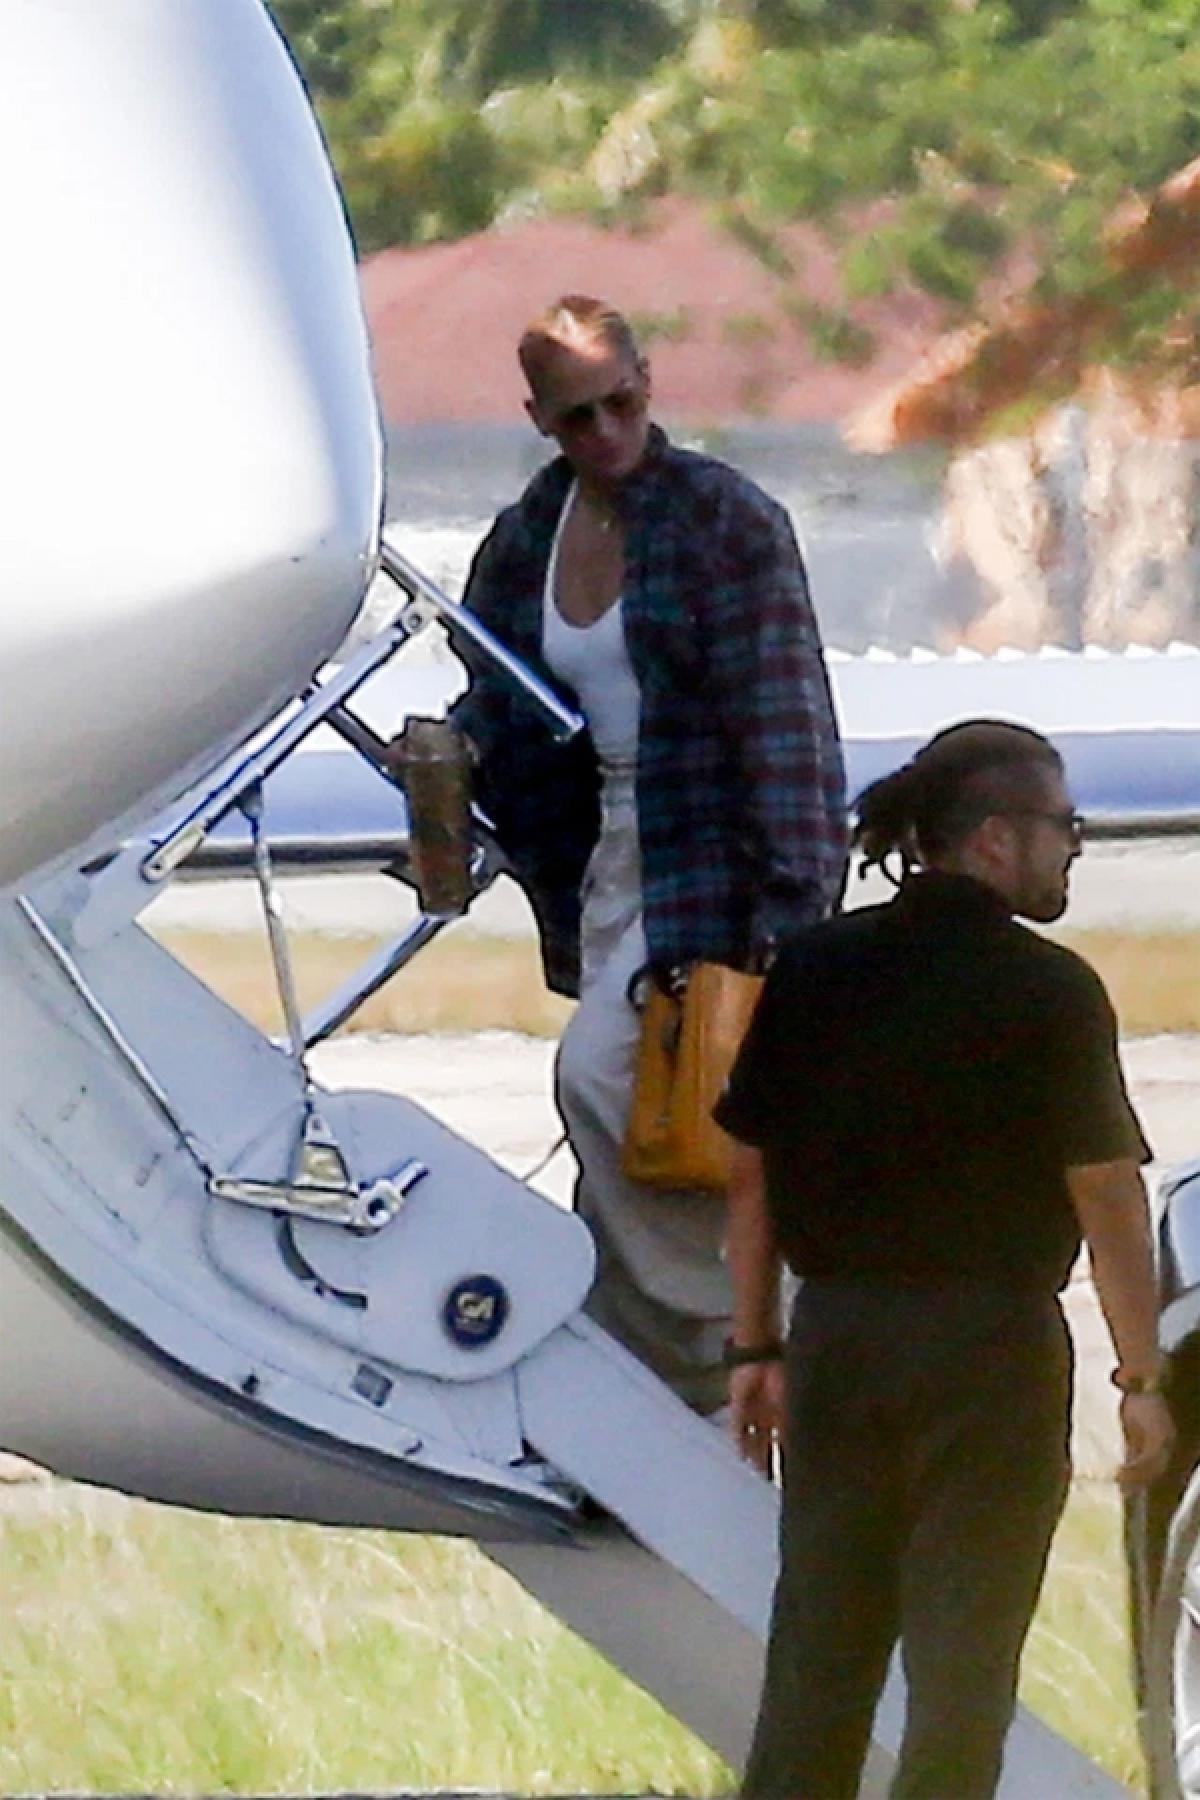 Cách đây ít ngày, Jennifer Lopez gây chú ý khi đến sân bay với chiếc áo sơ mi kẻ caro mà tài tử Ben Affleck hay mặc.